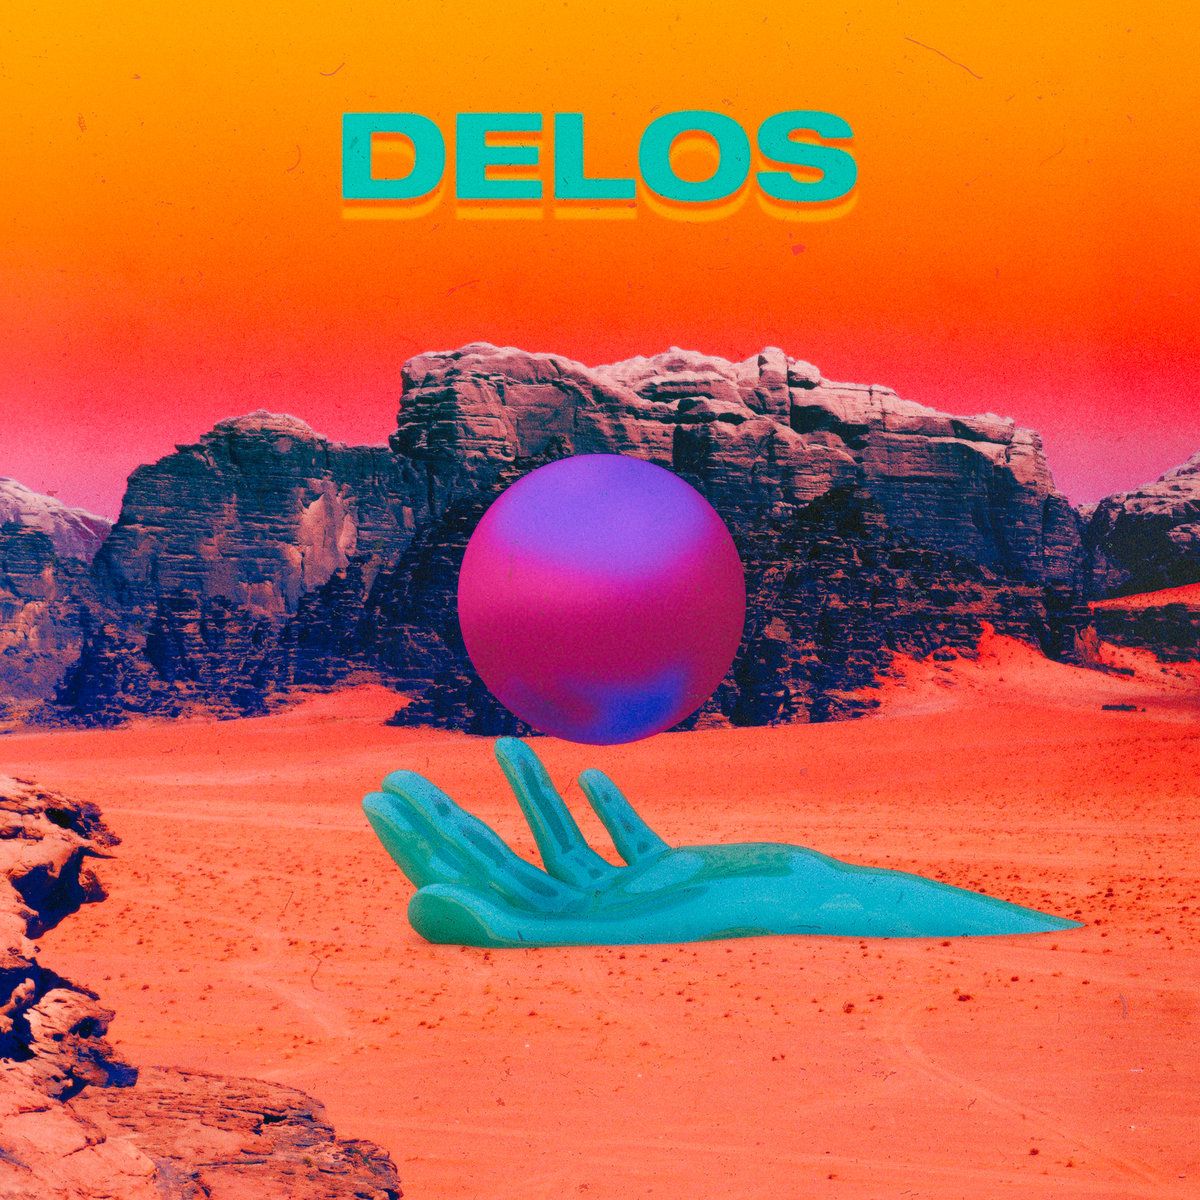 delos - Delos - Trace Decay